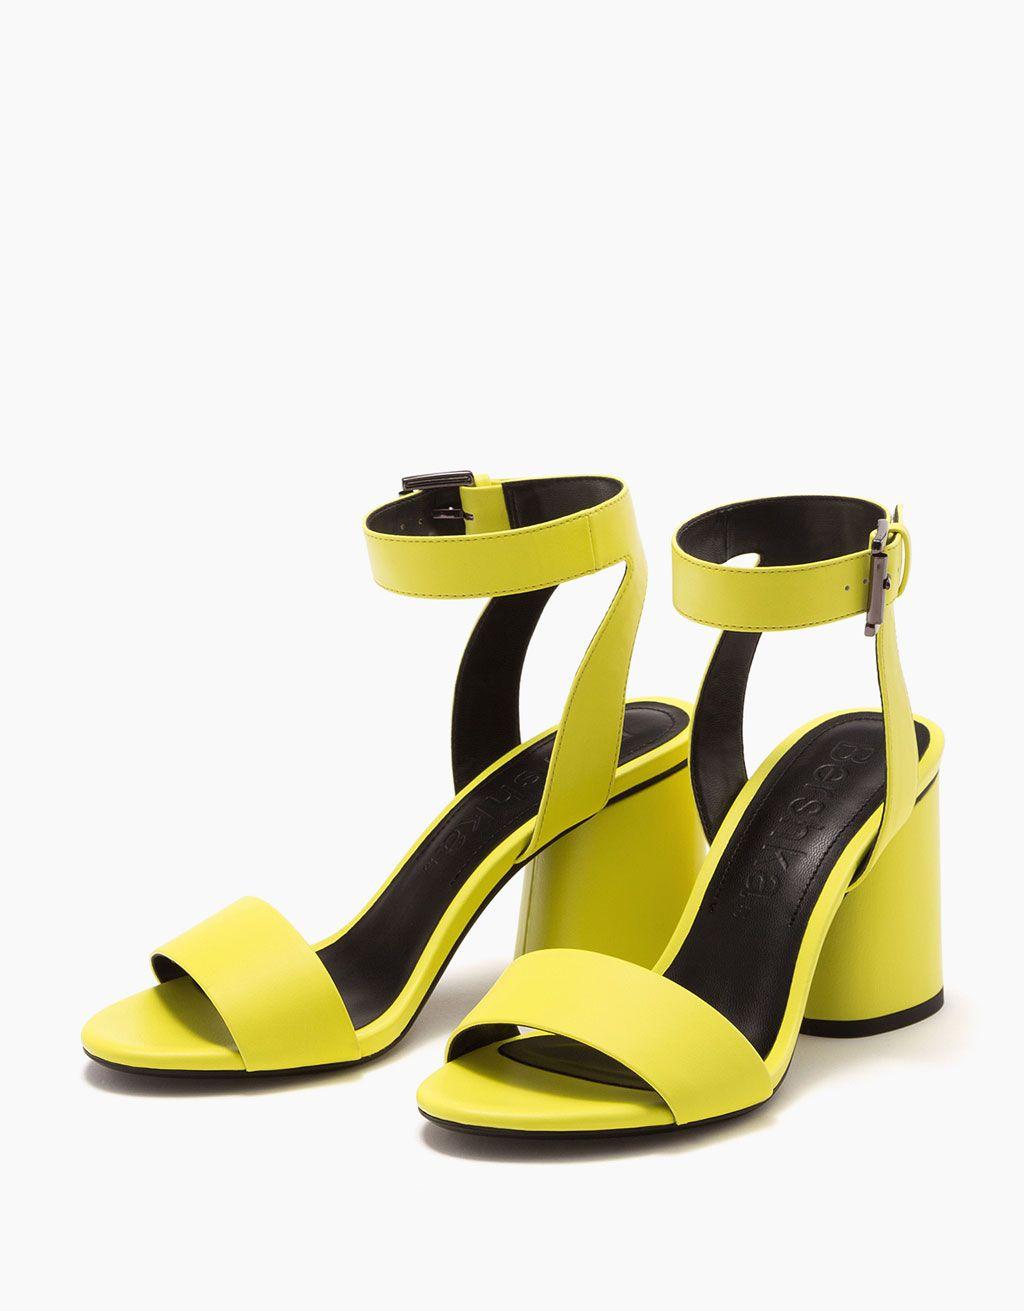 Sandales à talon moyen néon - Nouveautés - Bershka France. Chaussures ...